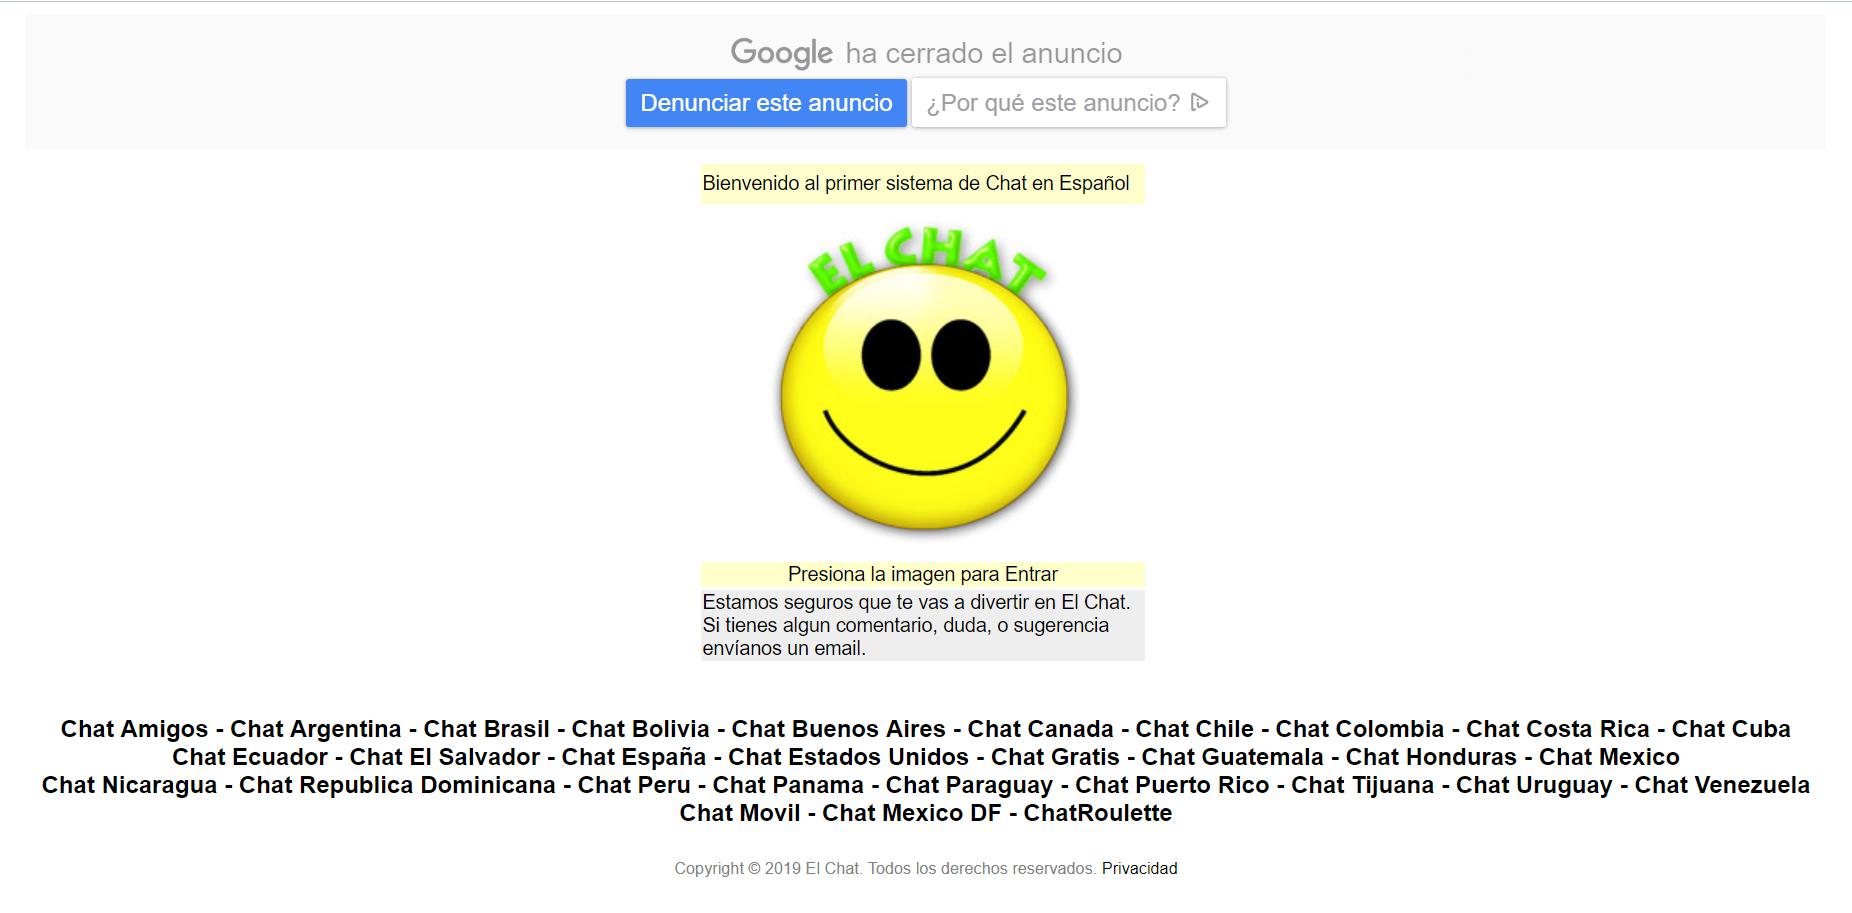 El Chat : un clásico reconvertido